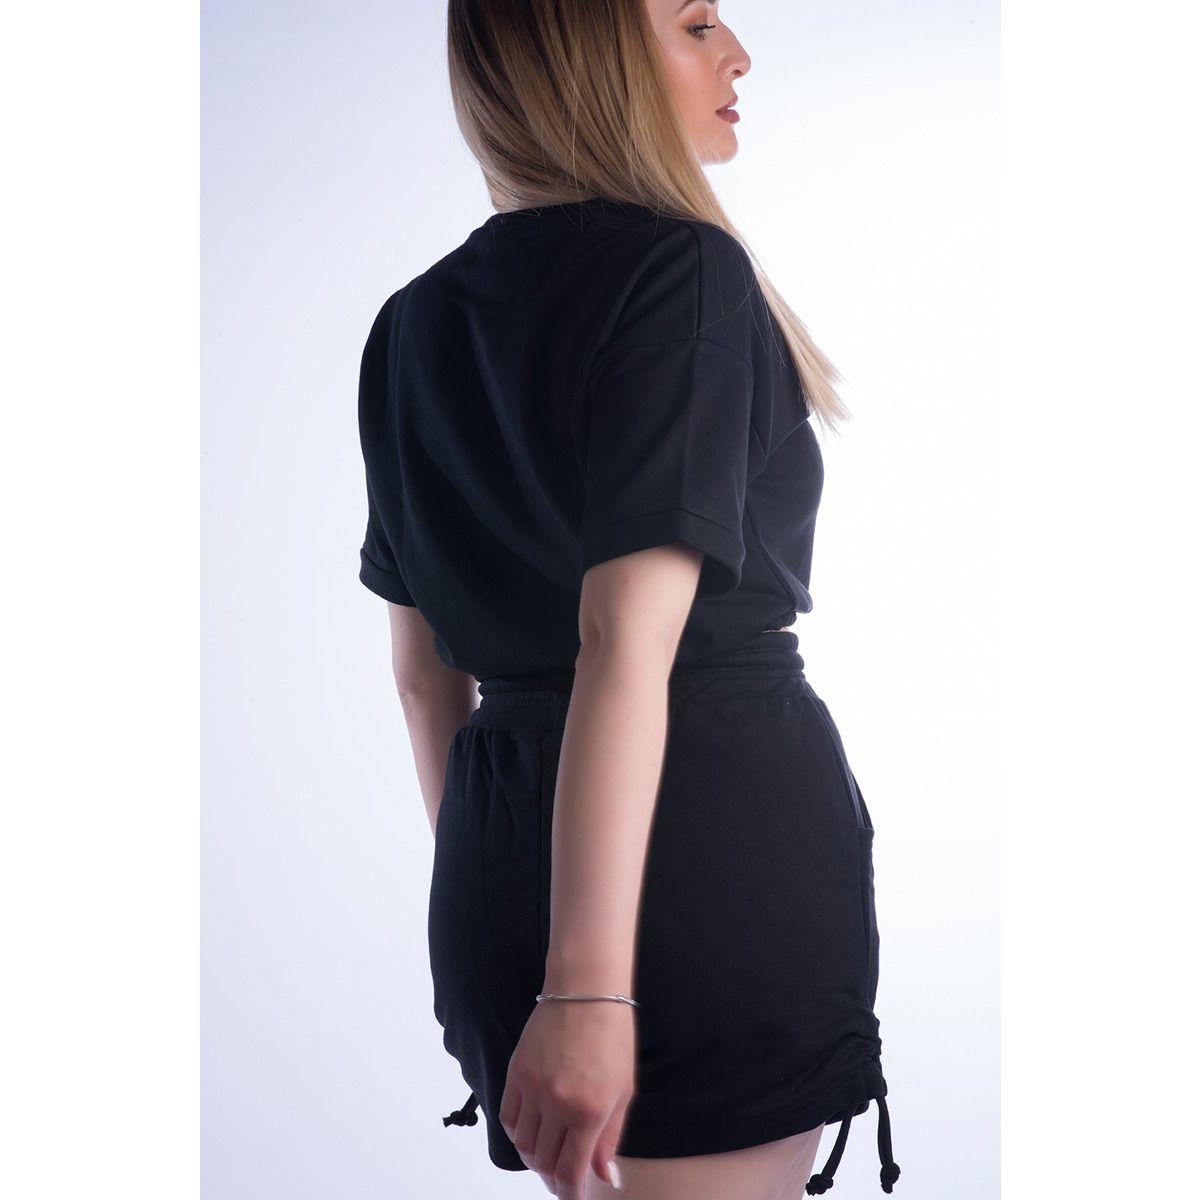 Μπλούζα T-shirt με λάστιχο oem z10101 ΜΑΥΡΟ